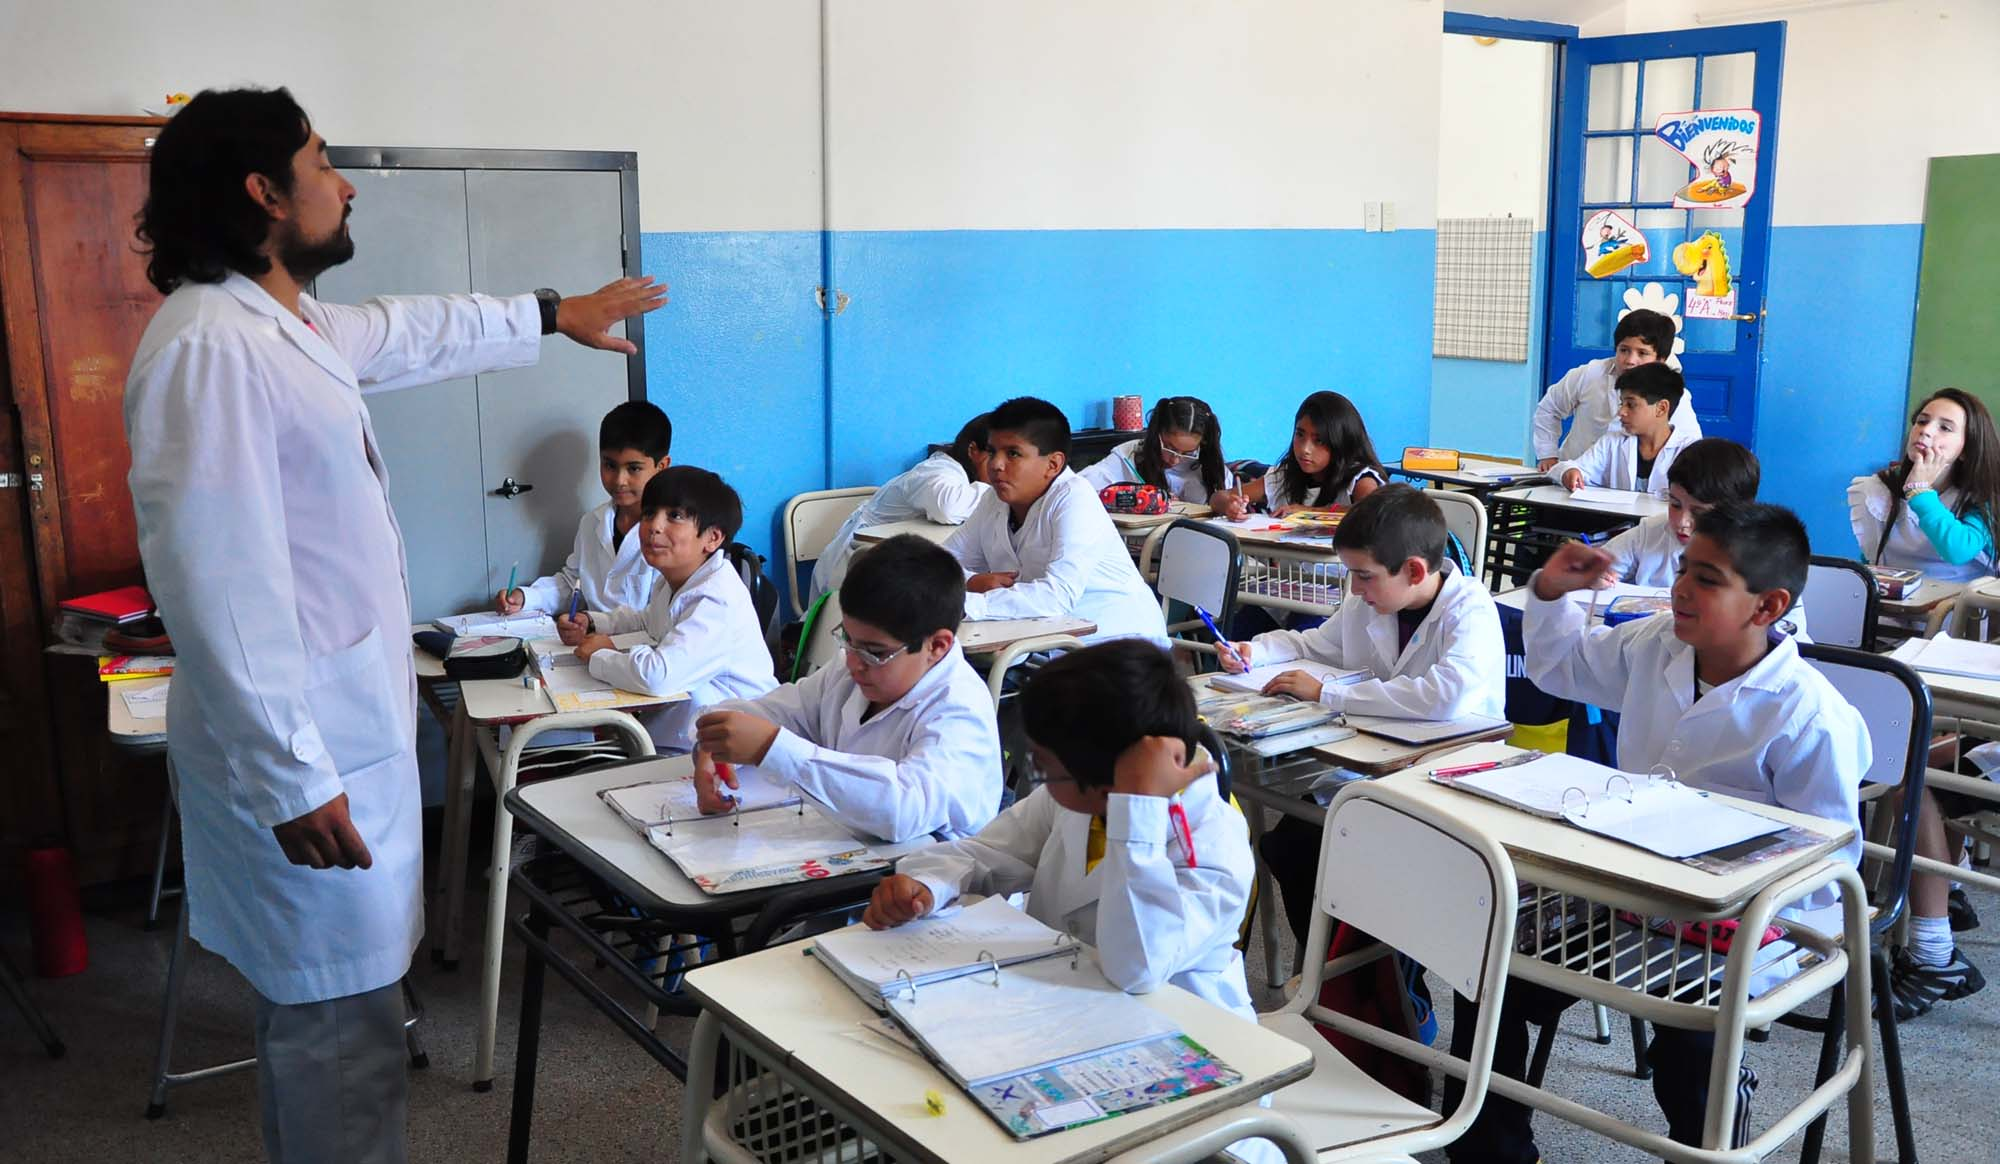 EL GOBIERNO DEL CHUBUT CONVOCÓ A GREMIOS DOCENTES Y AUXILIARES DE LA EDUCACIÓN PARA PRESENTAR EL PROTOCOLO DE VUELTA A CLASES